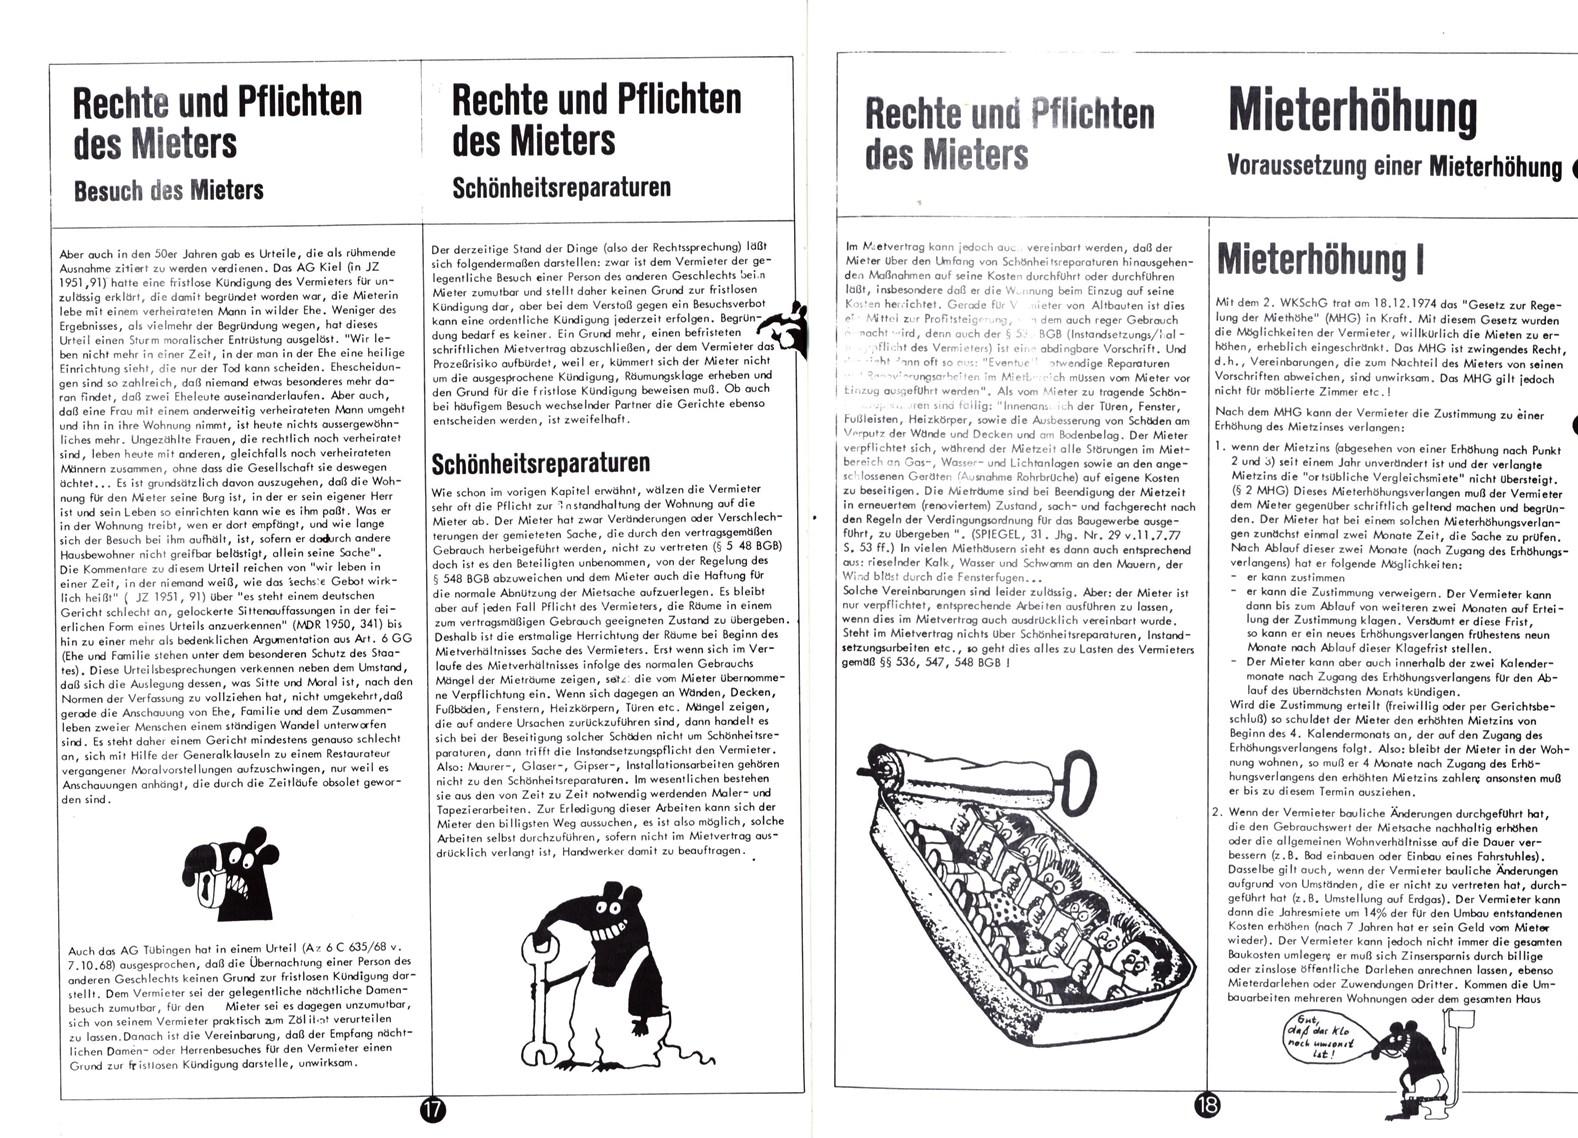 Muenster_AStA_Info_19770000_Mietinfo1_10